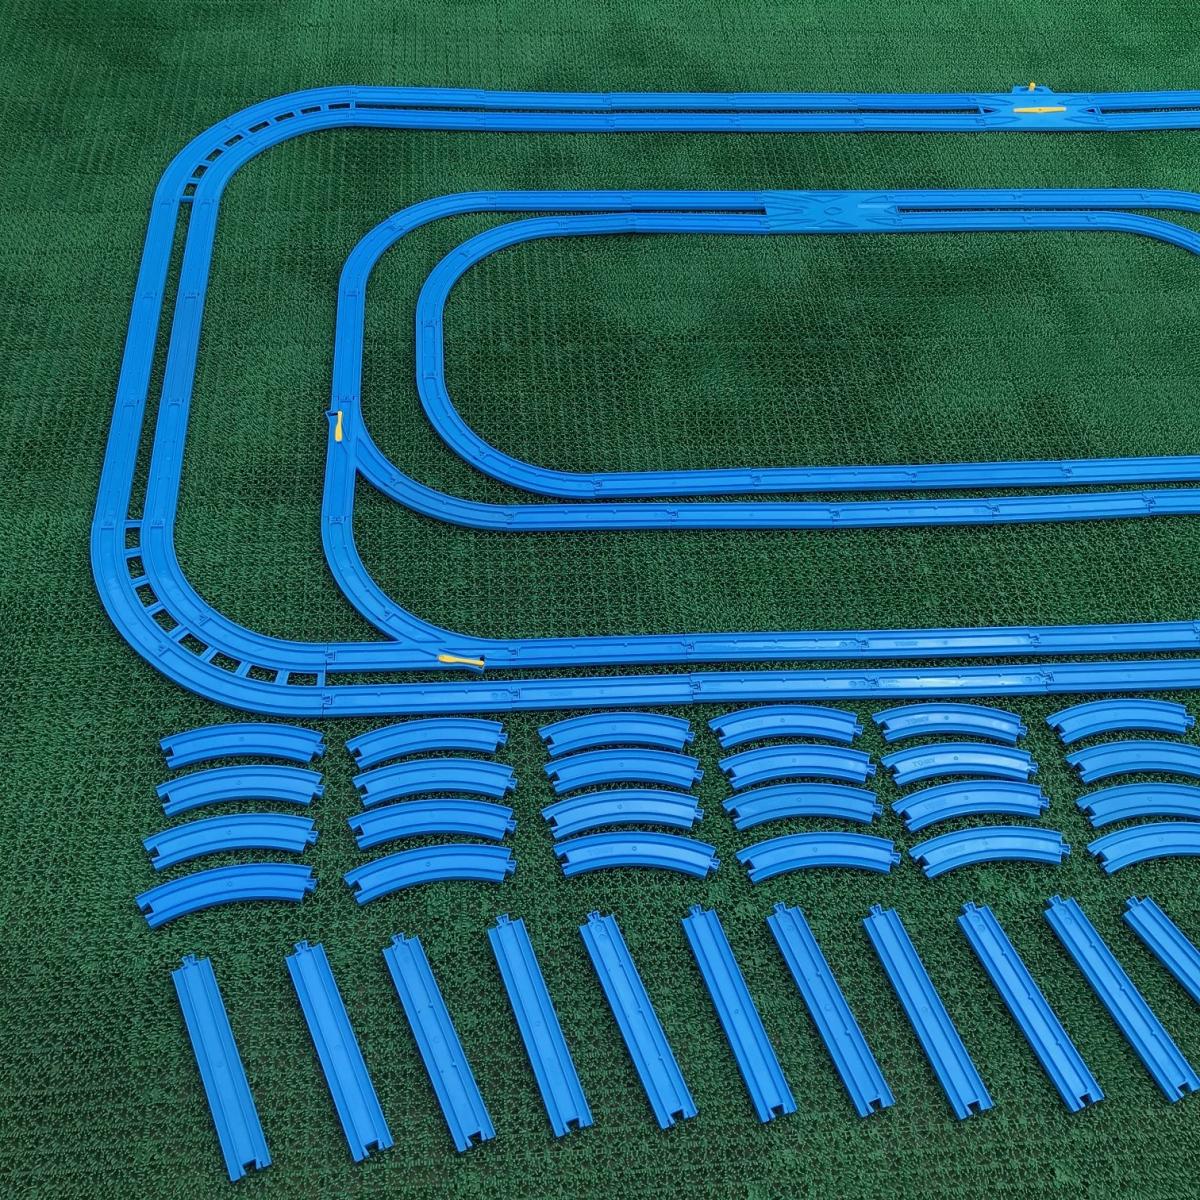 プラレール② 直線 曲線 複線曲線レール 複線わたりポイントレール ターンアウトレール 単線複線 レア タカラトミー 大量_画像2